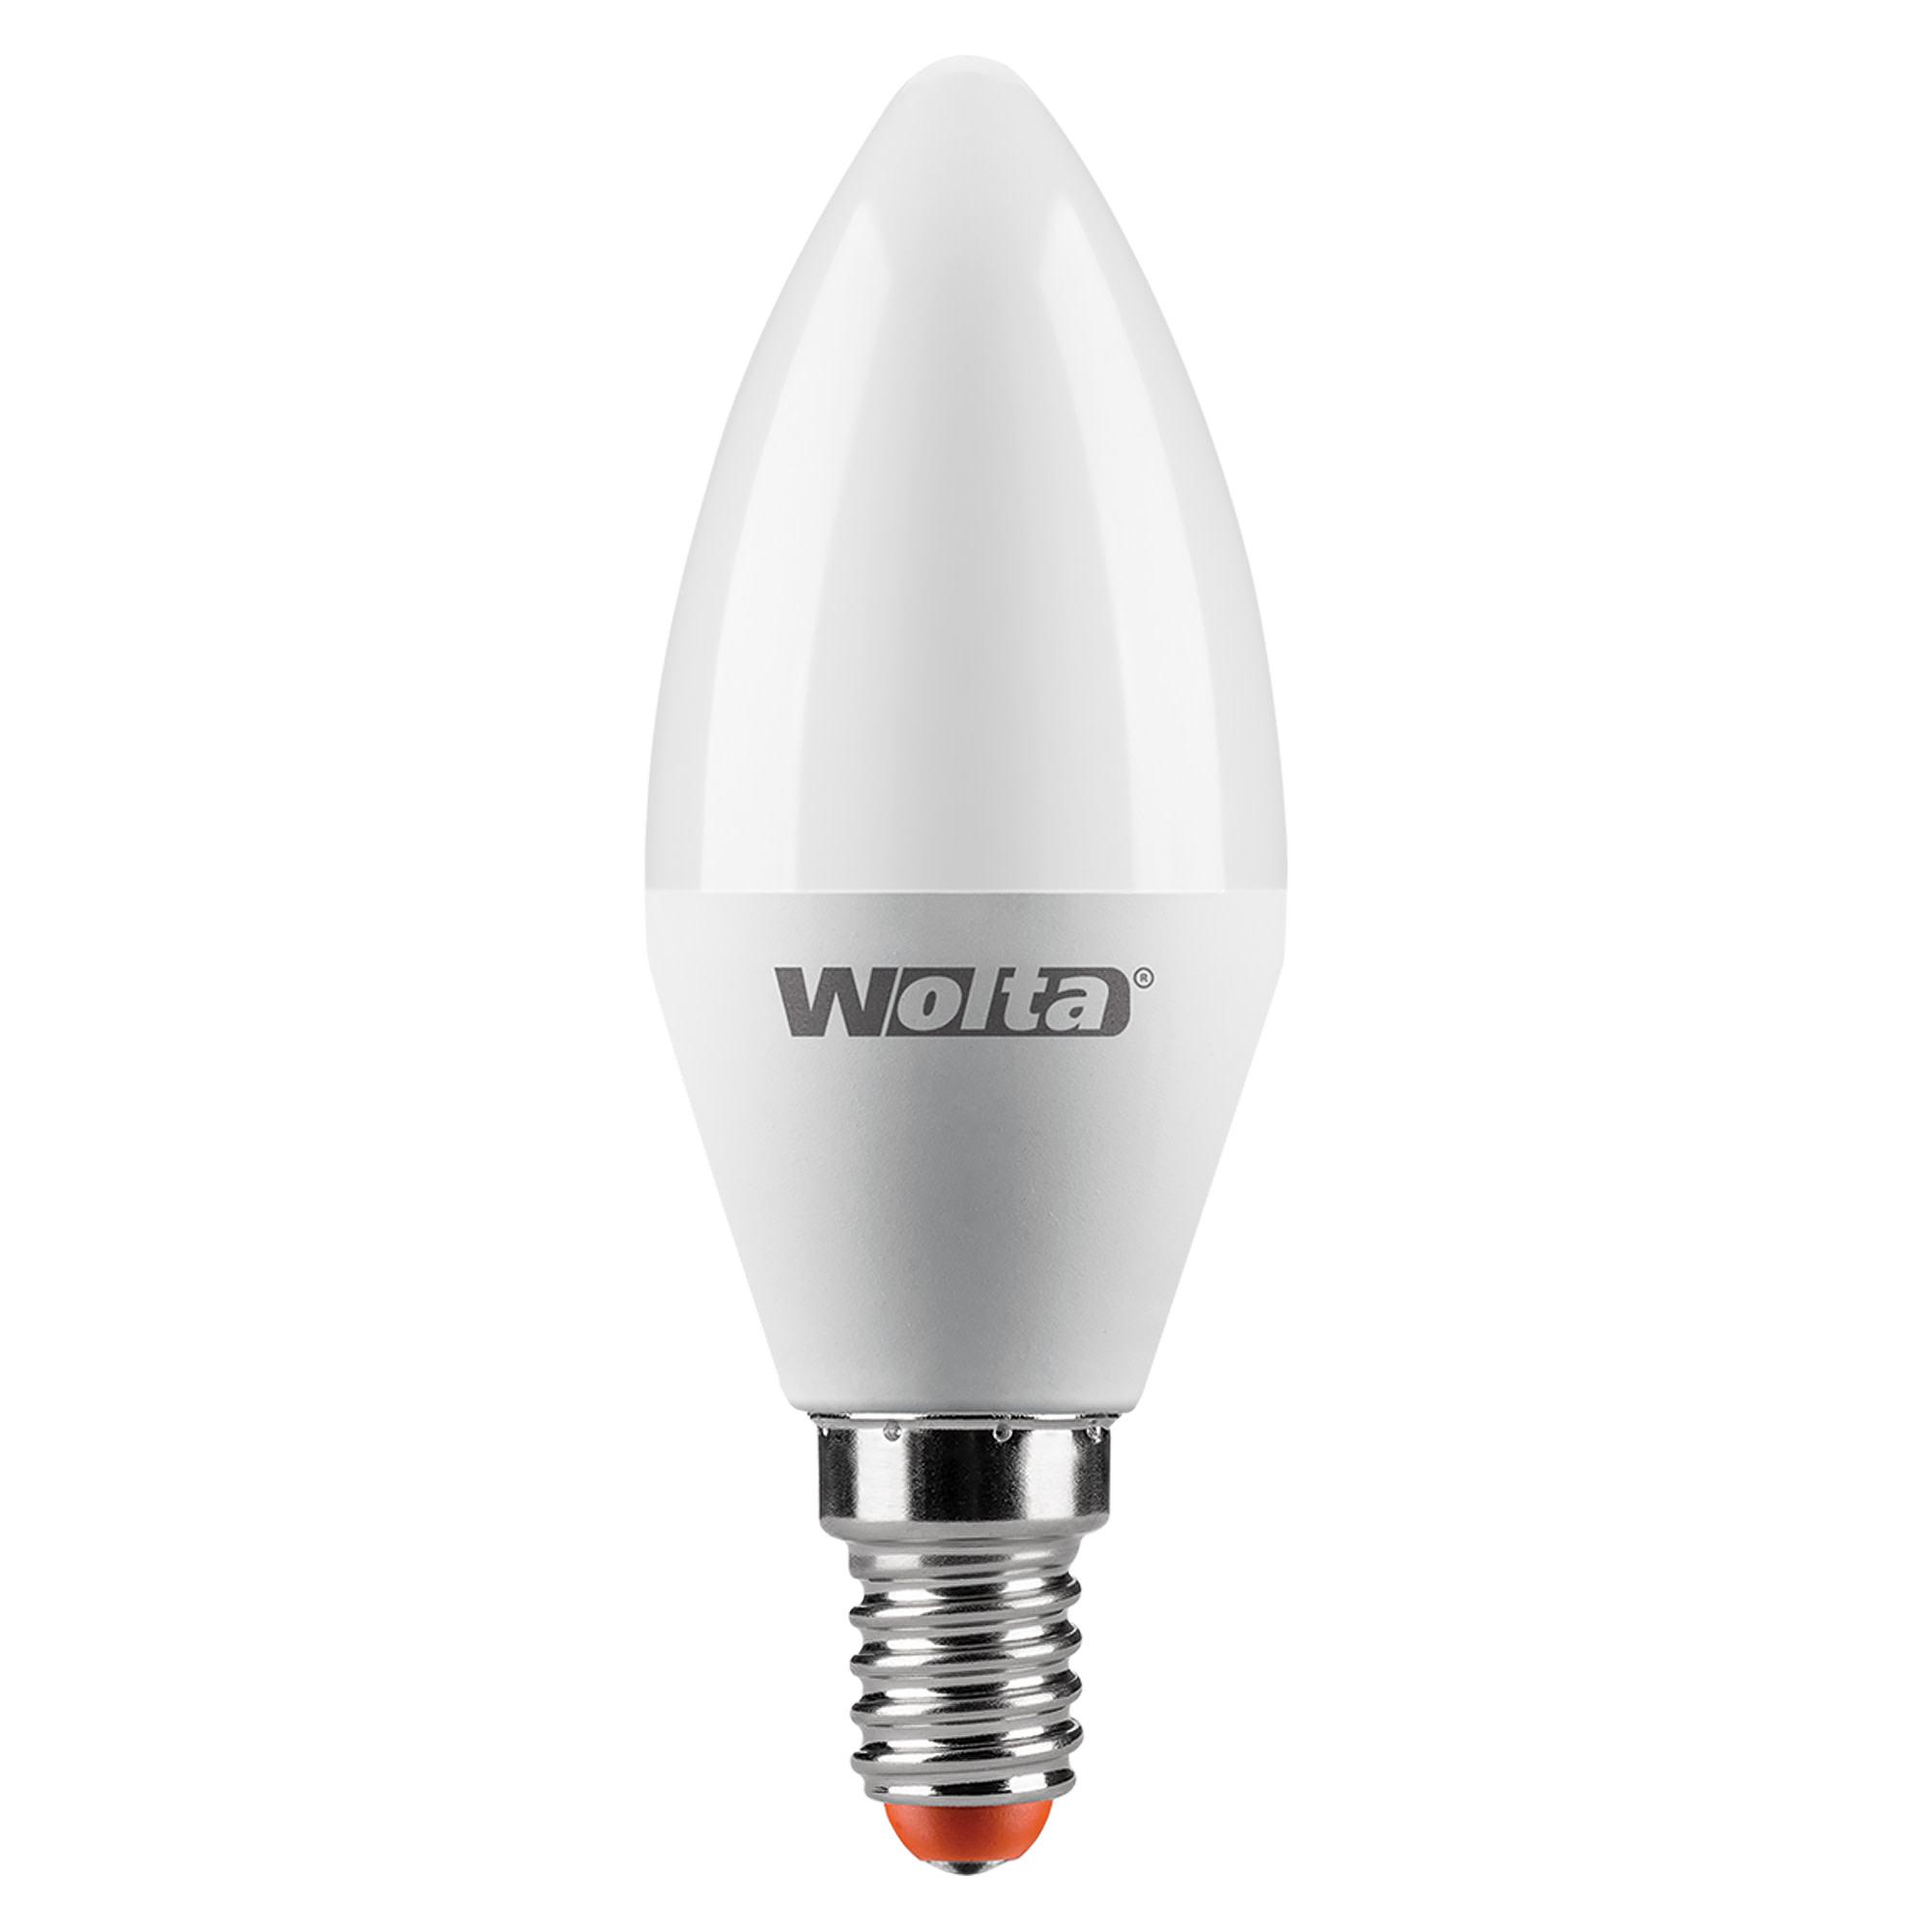 Лампа светодиодная Wolta свеча E14 8 Вт 800 Лм свет тёплый белый